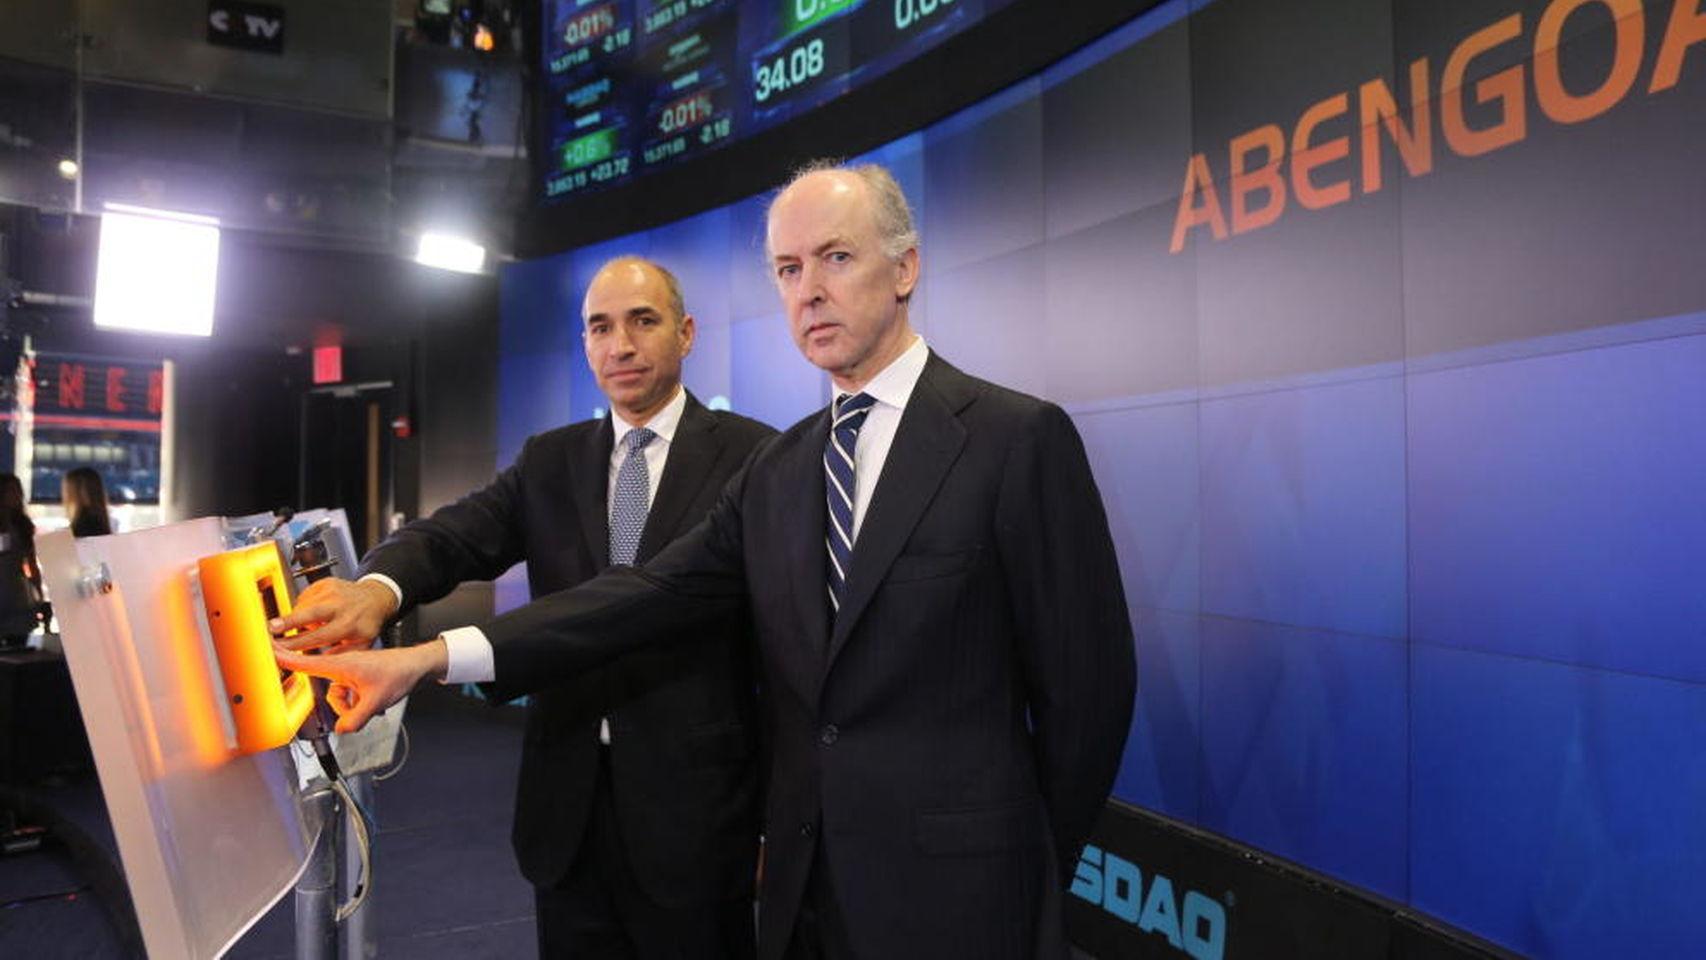 En primer plano, Felipe Benjumea, expresidente de Abengoa, junto a Manuel Sánchez, ex consejero delegado del grupo.